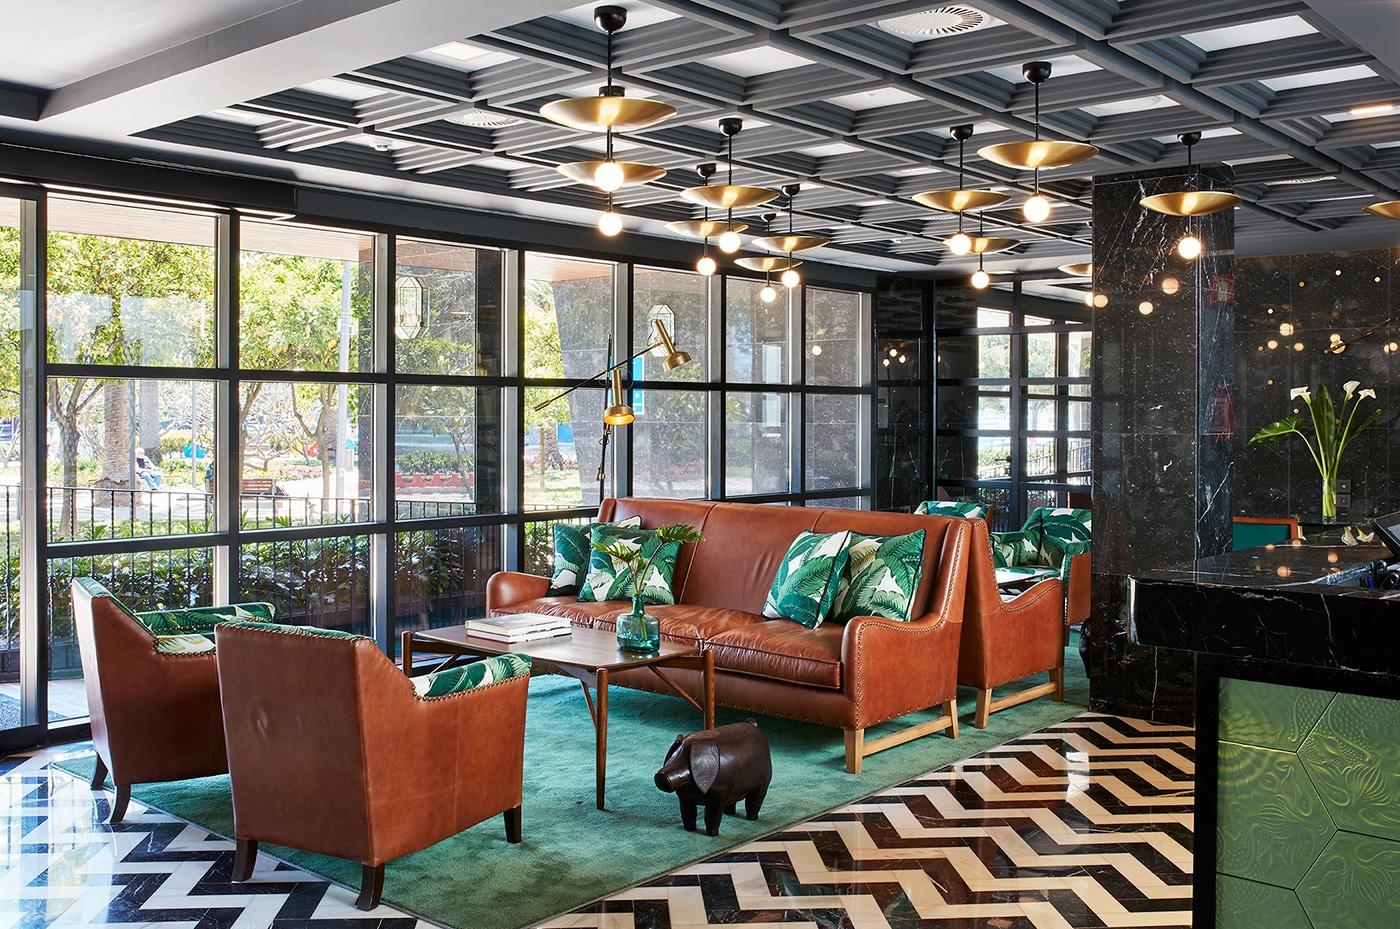 melian_randolph-lobby-hotel-valeria-roommate-8